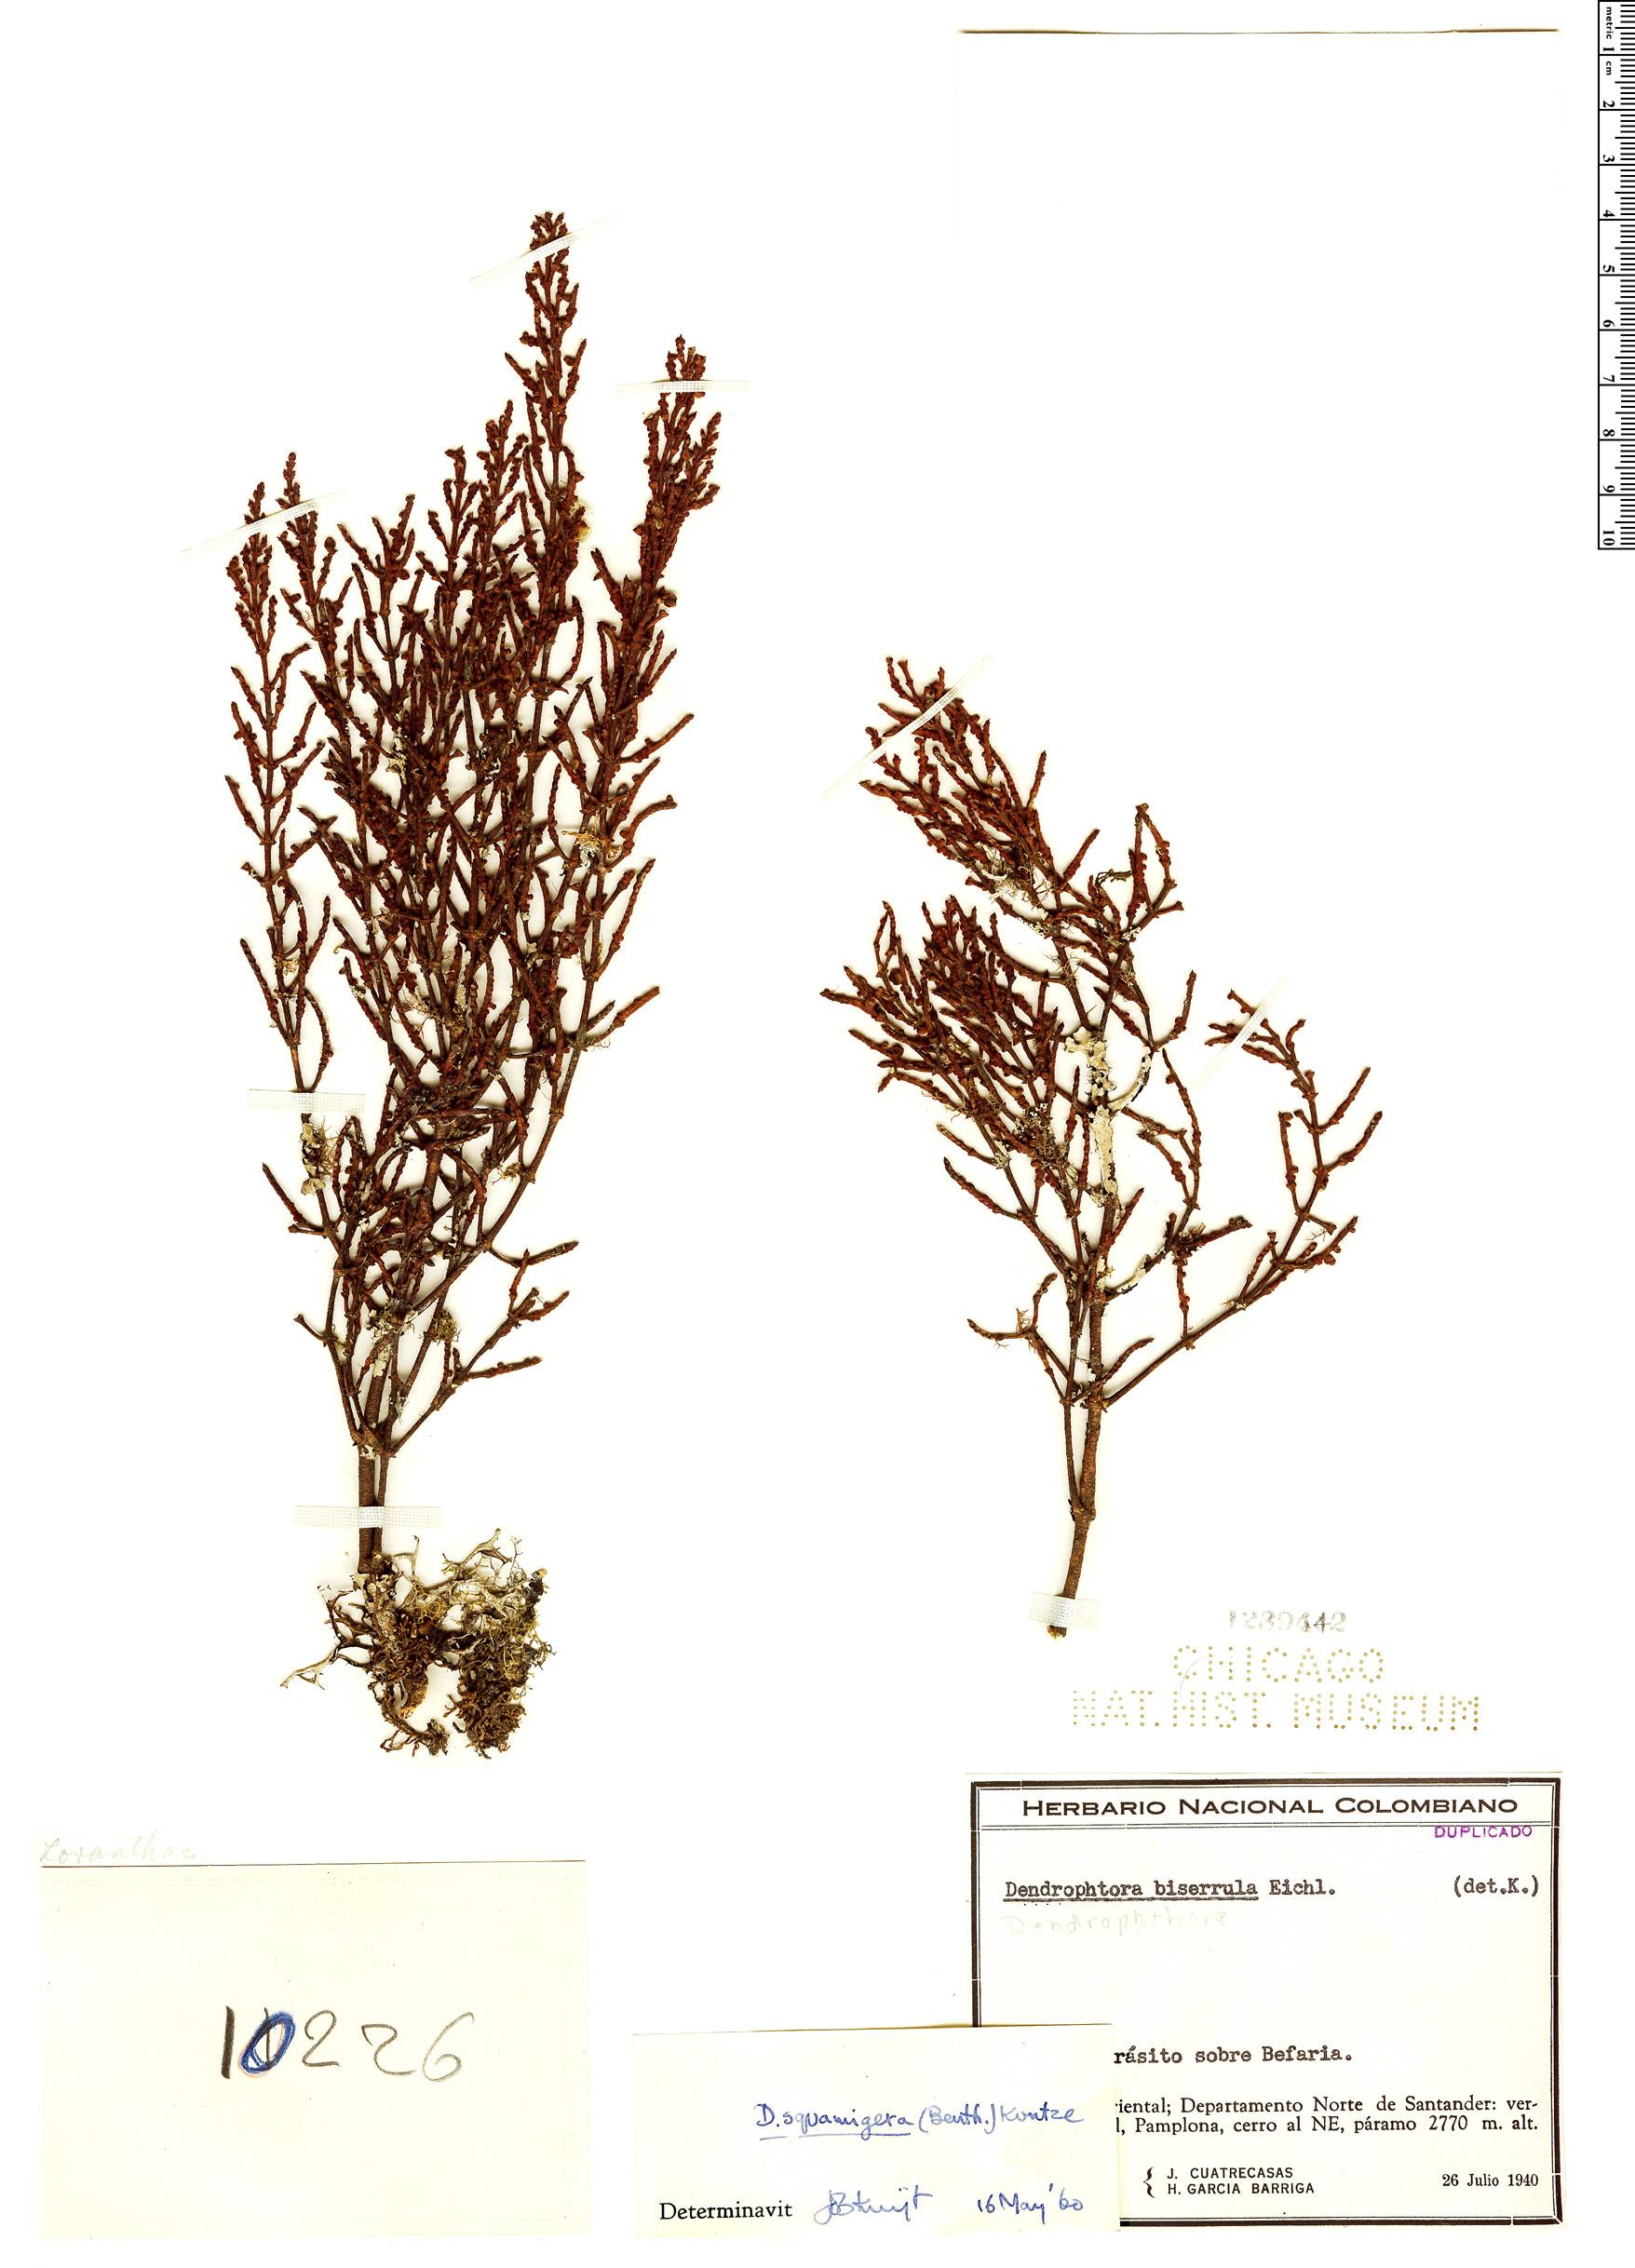 Specimen: Dendrophthora squamigera